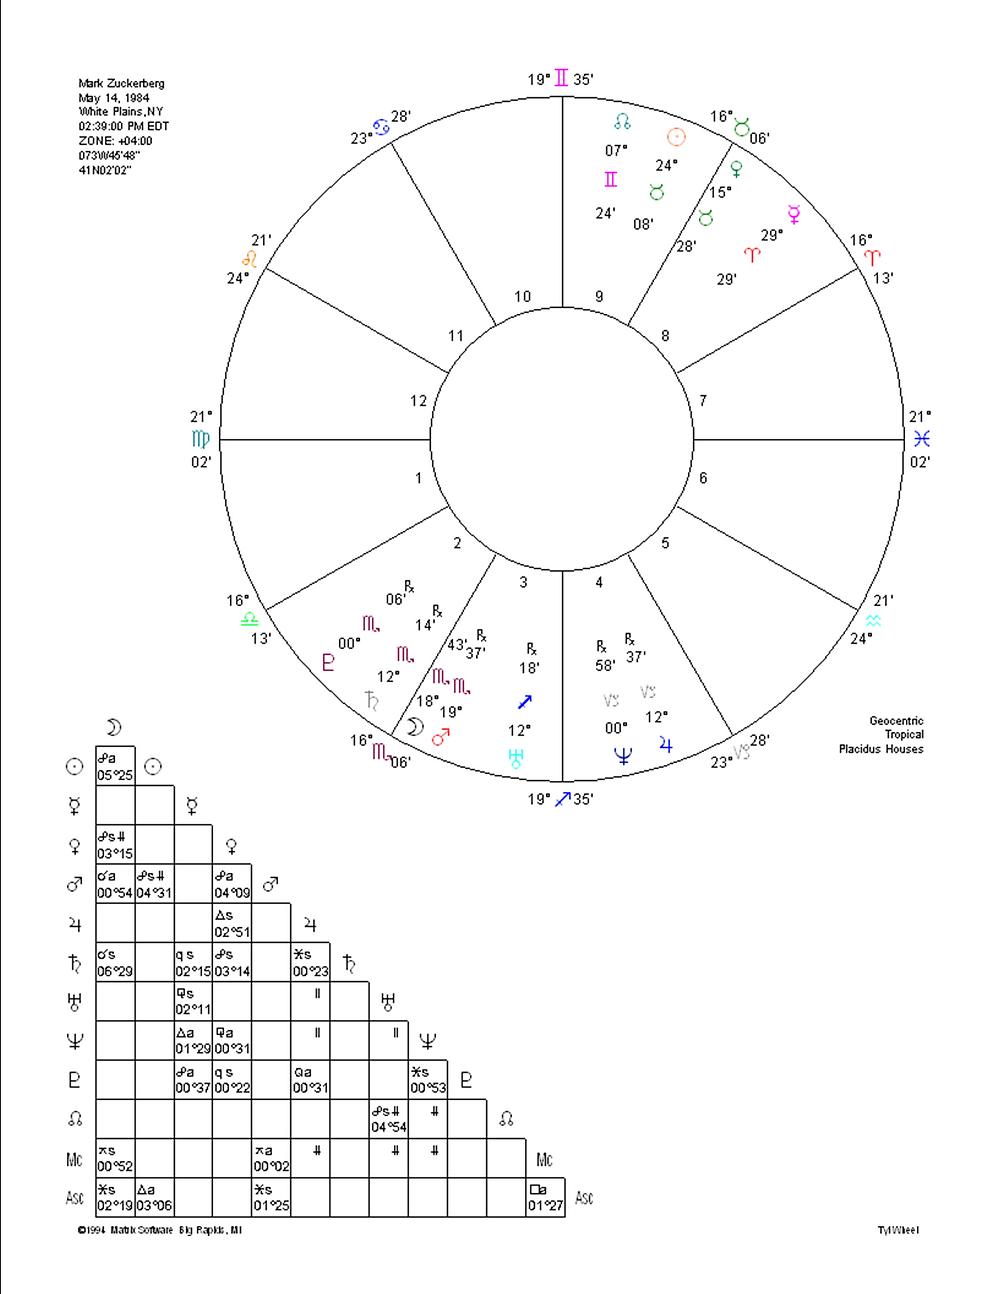 Birth Time Rectification Mark Zuckerberg by Astrologer Lauren Delsack